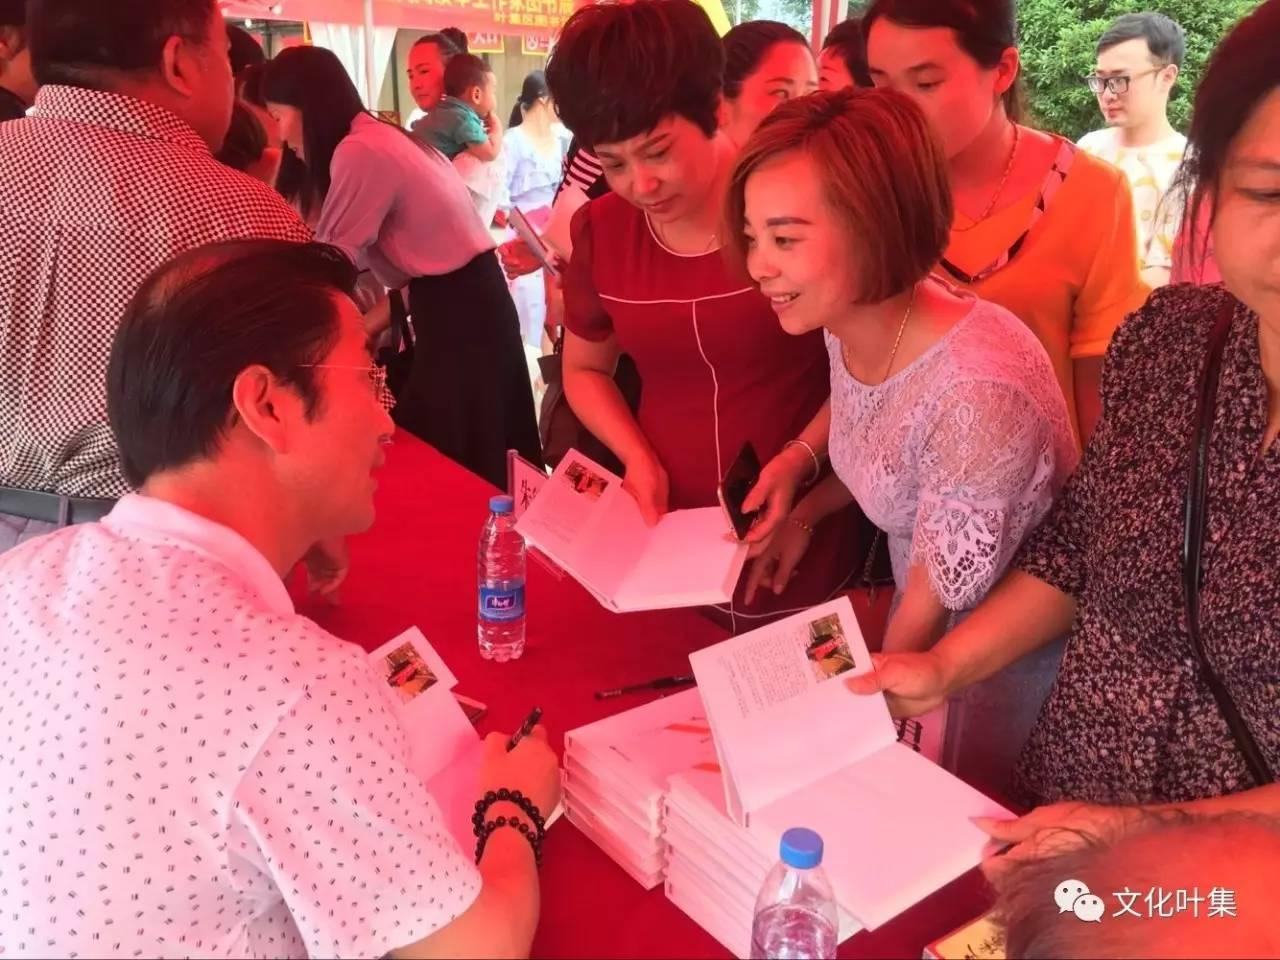 叶集区第一届 书香叶集 文化惠民 全民阅读图书巡展顺利启动